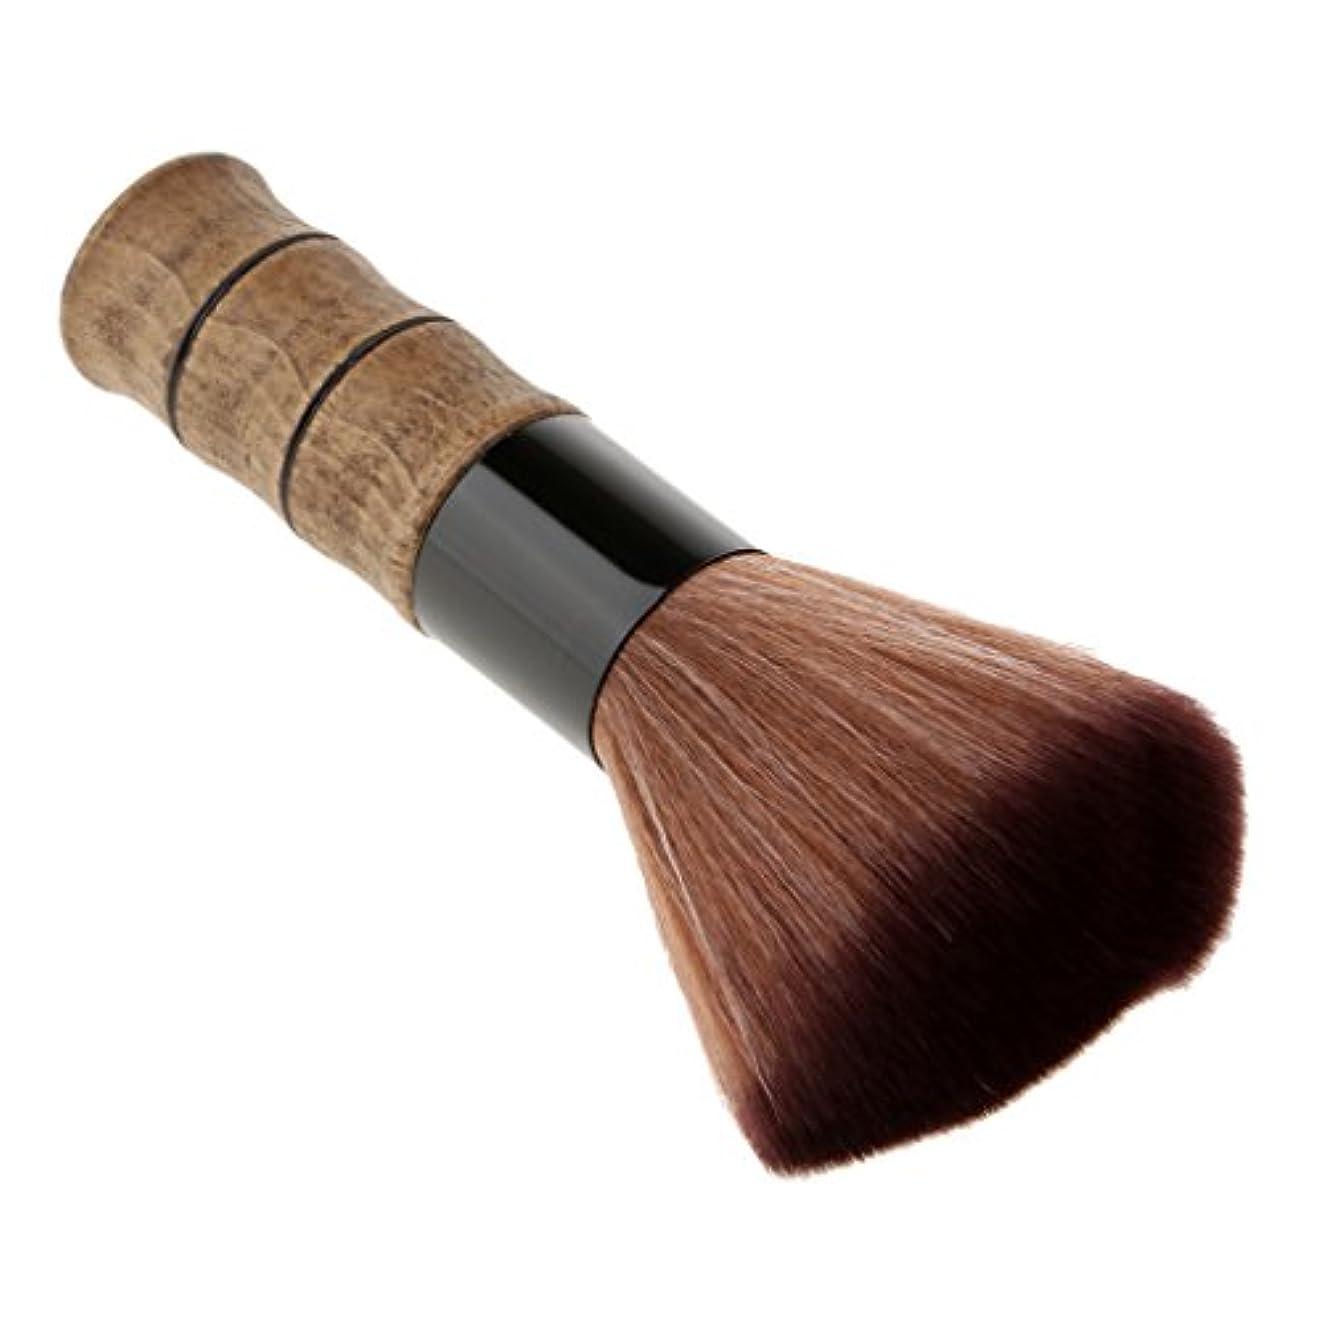 郊外めるより多いBlesiya シェービングブラシ 洗顔 化粧ブラシ メイクブラシ ソフトファイバー ブラシ スキンケア メイクアップ 高品質 2色選べる - 褐色